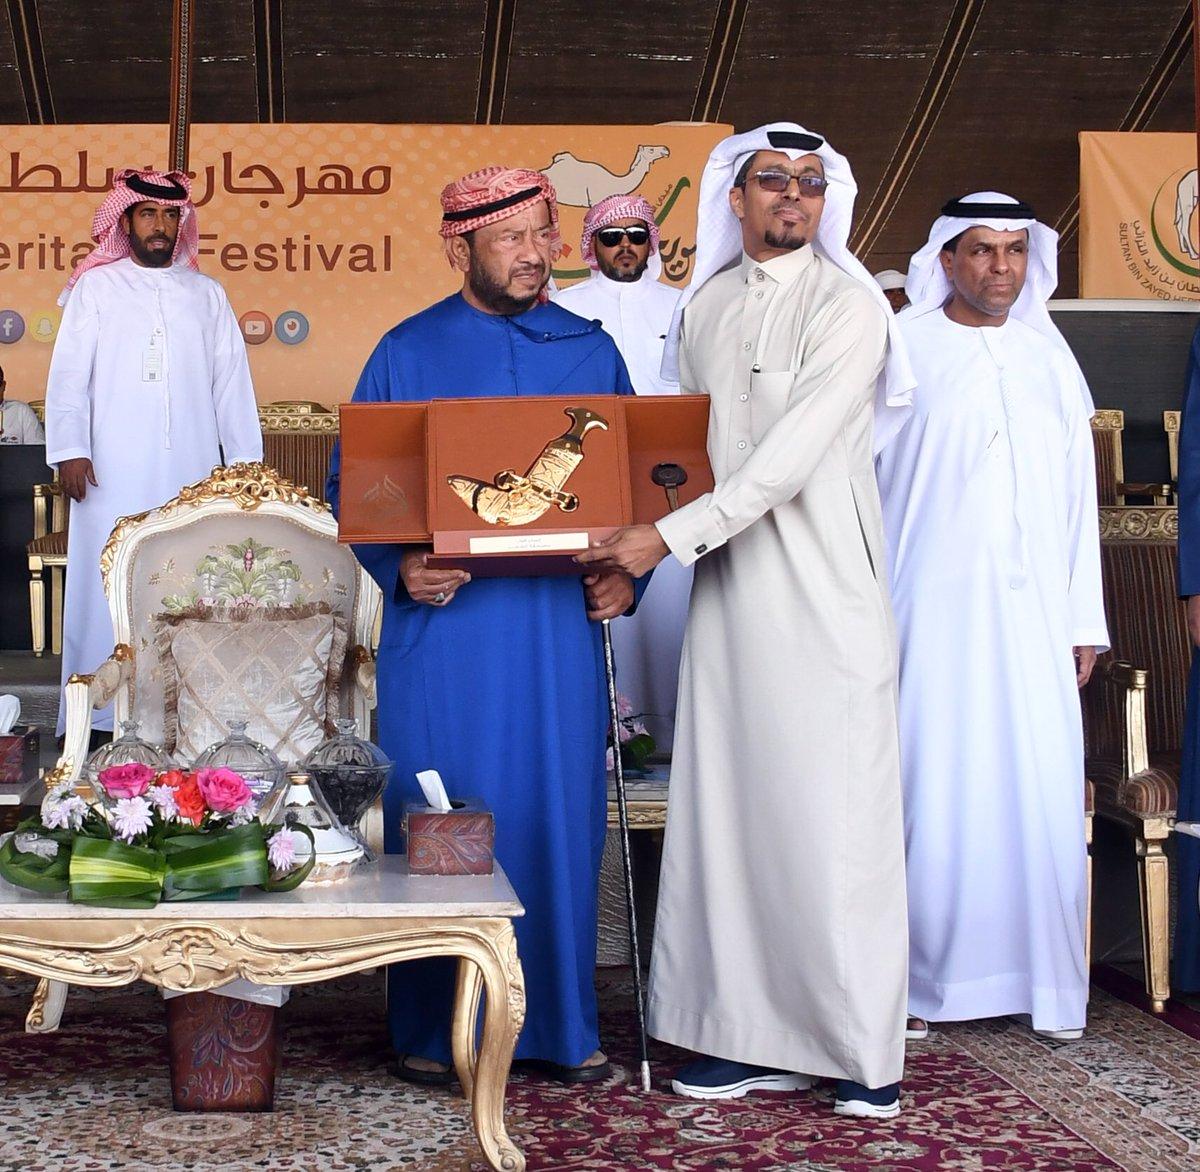 سلطان بن زايد يتوج الفائزين في المسابقة الشعرية ، ضمن فعاليات مهرجان سلطان بن زايد التراثي ٢٠١٧